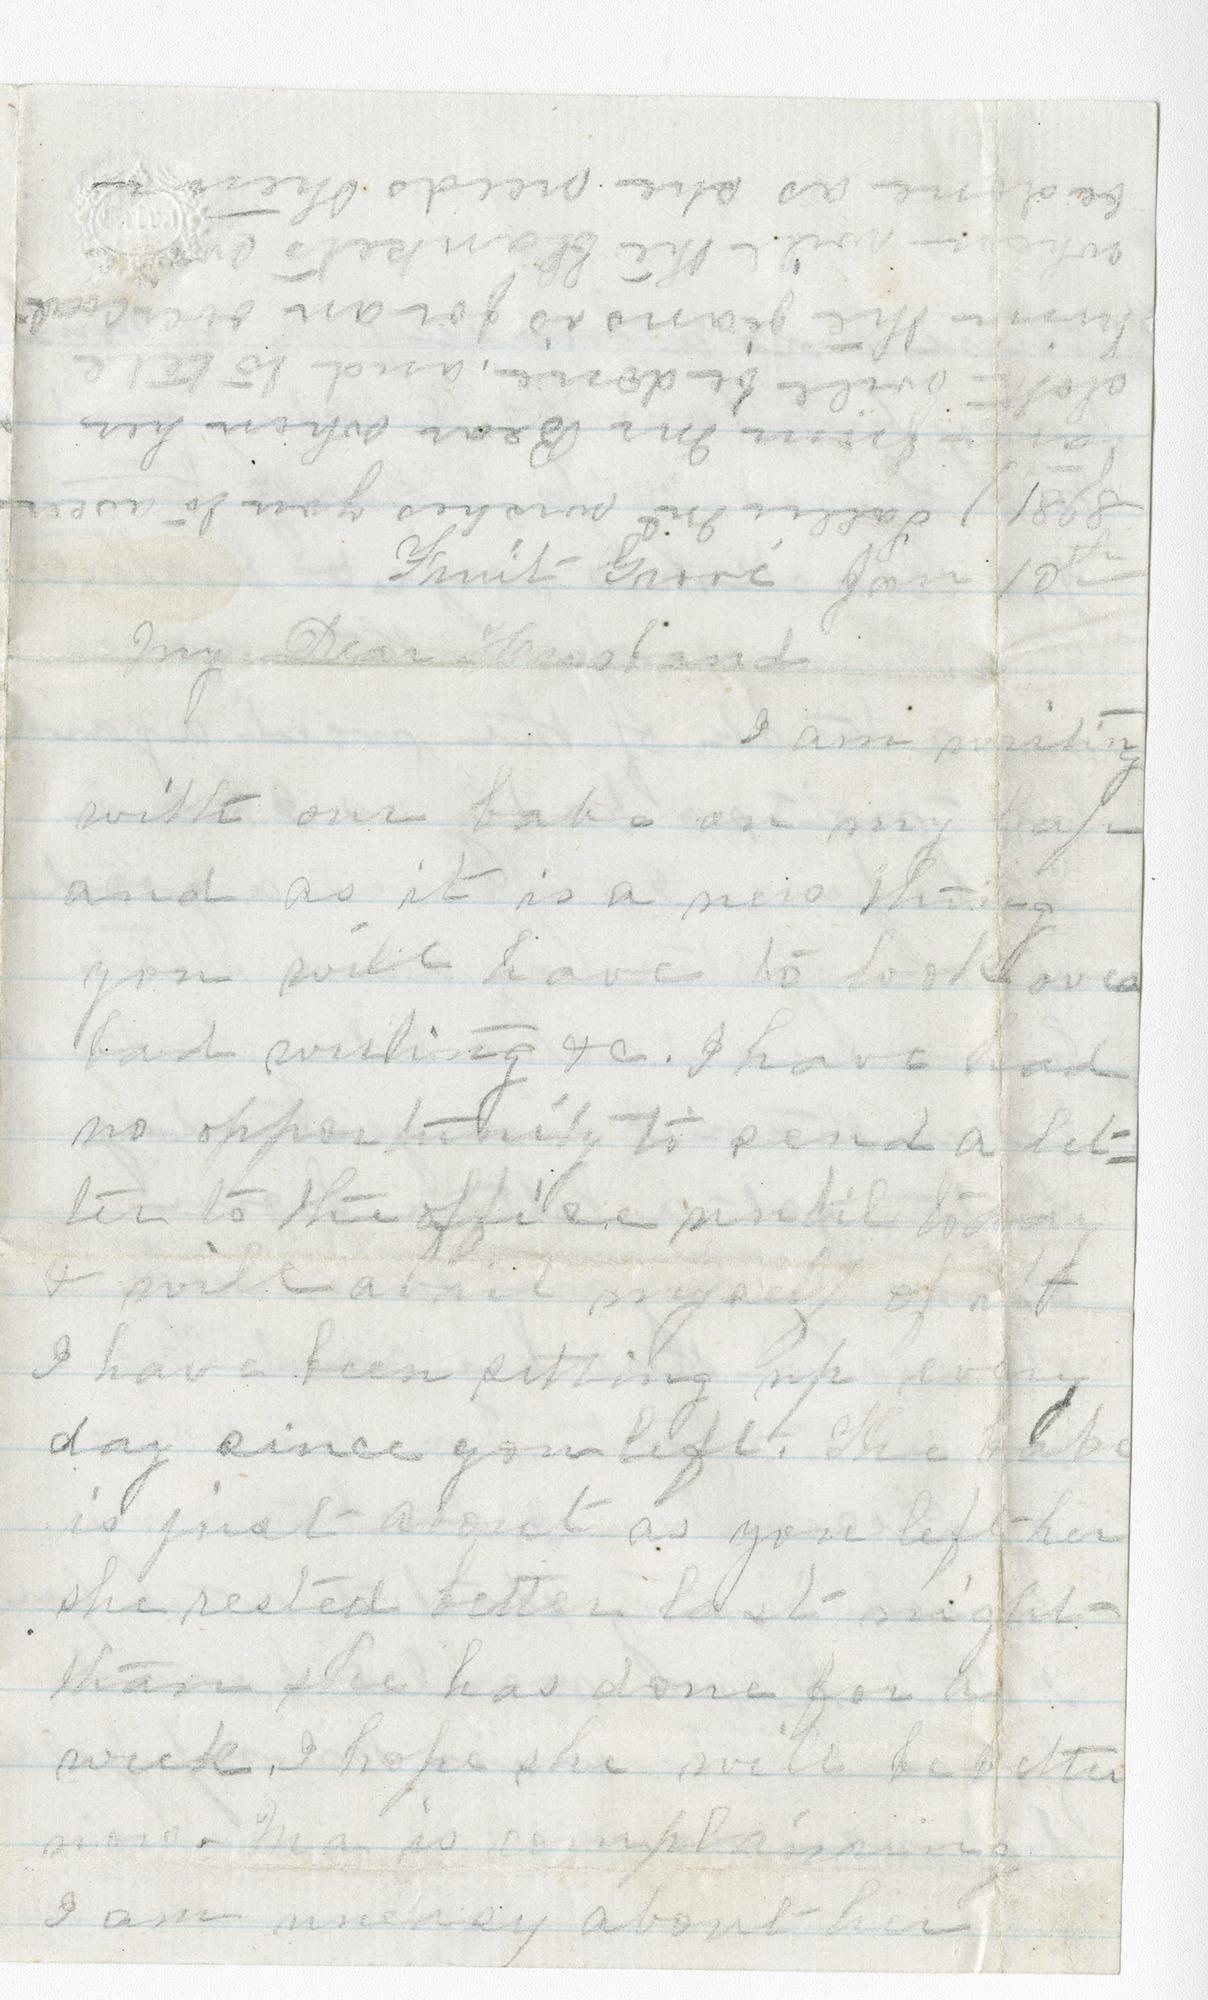 Ms2016-013_HeizerJames_Letter_1868_0110a.jpg